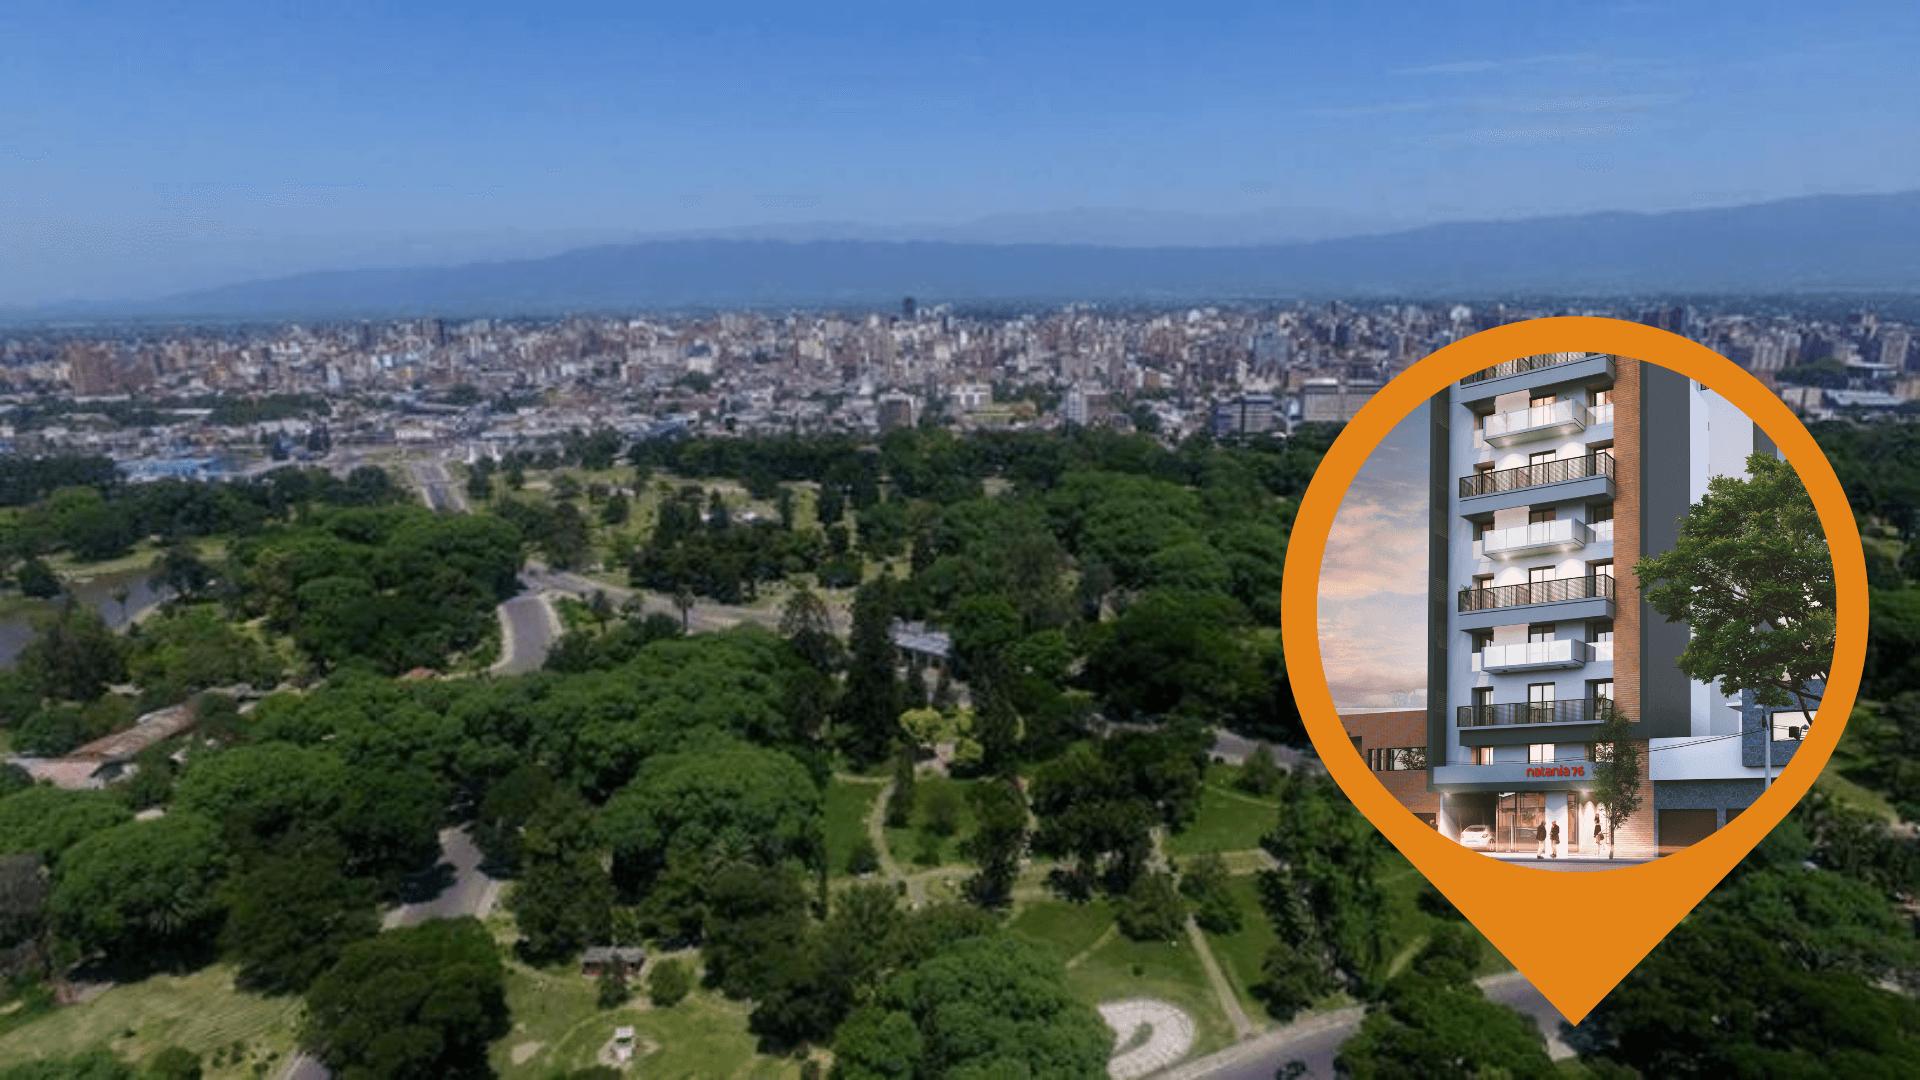 Con una vista imponente del Parque 9 de Julio, nace Natania 76